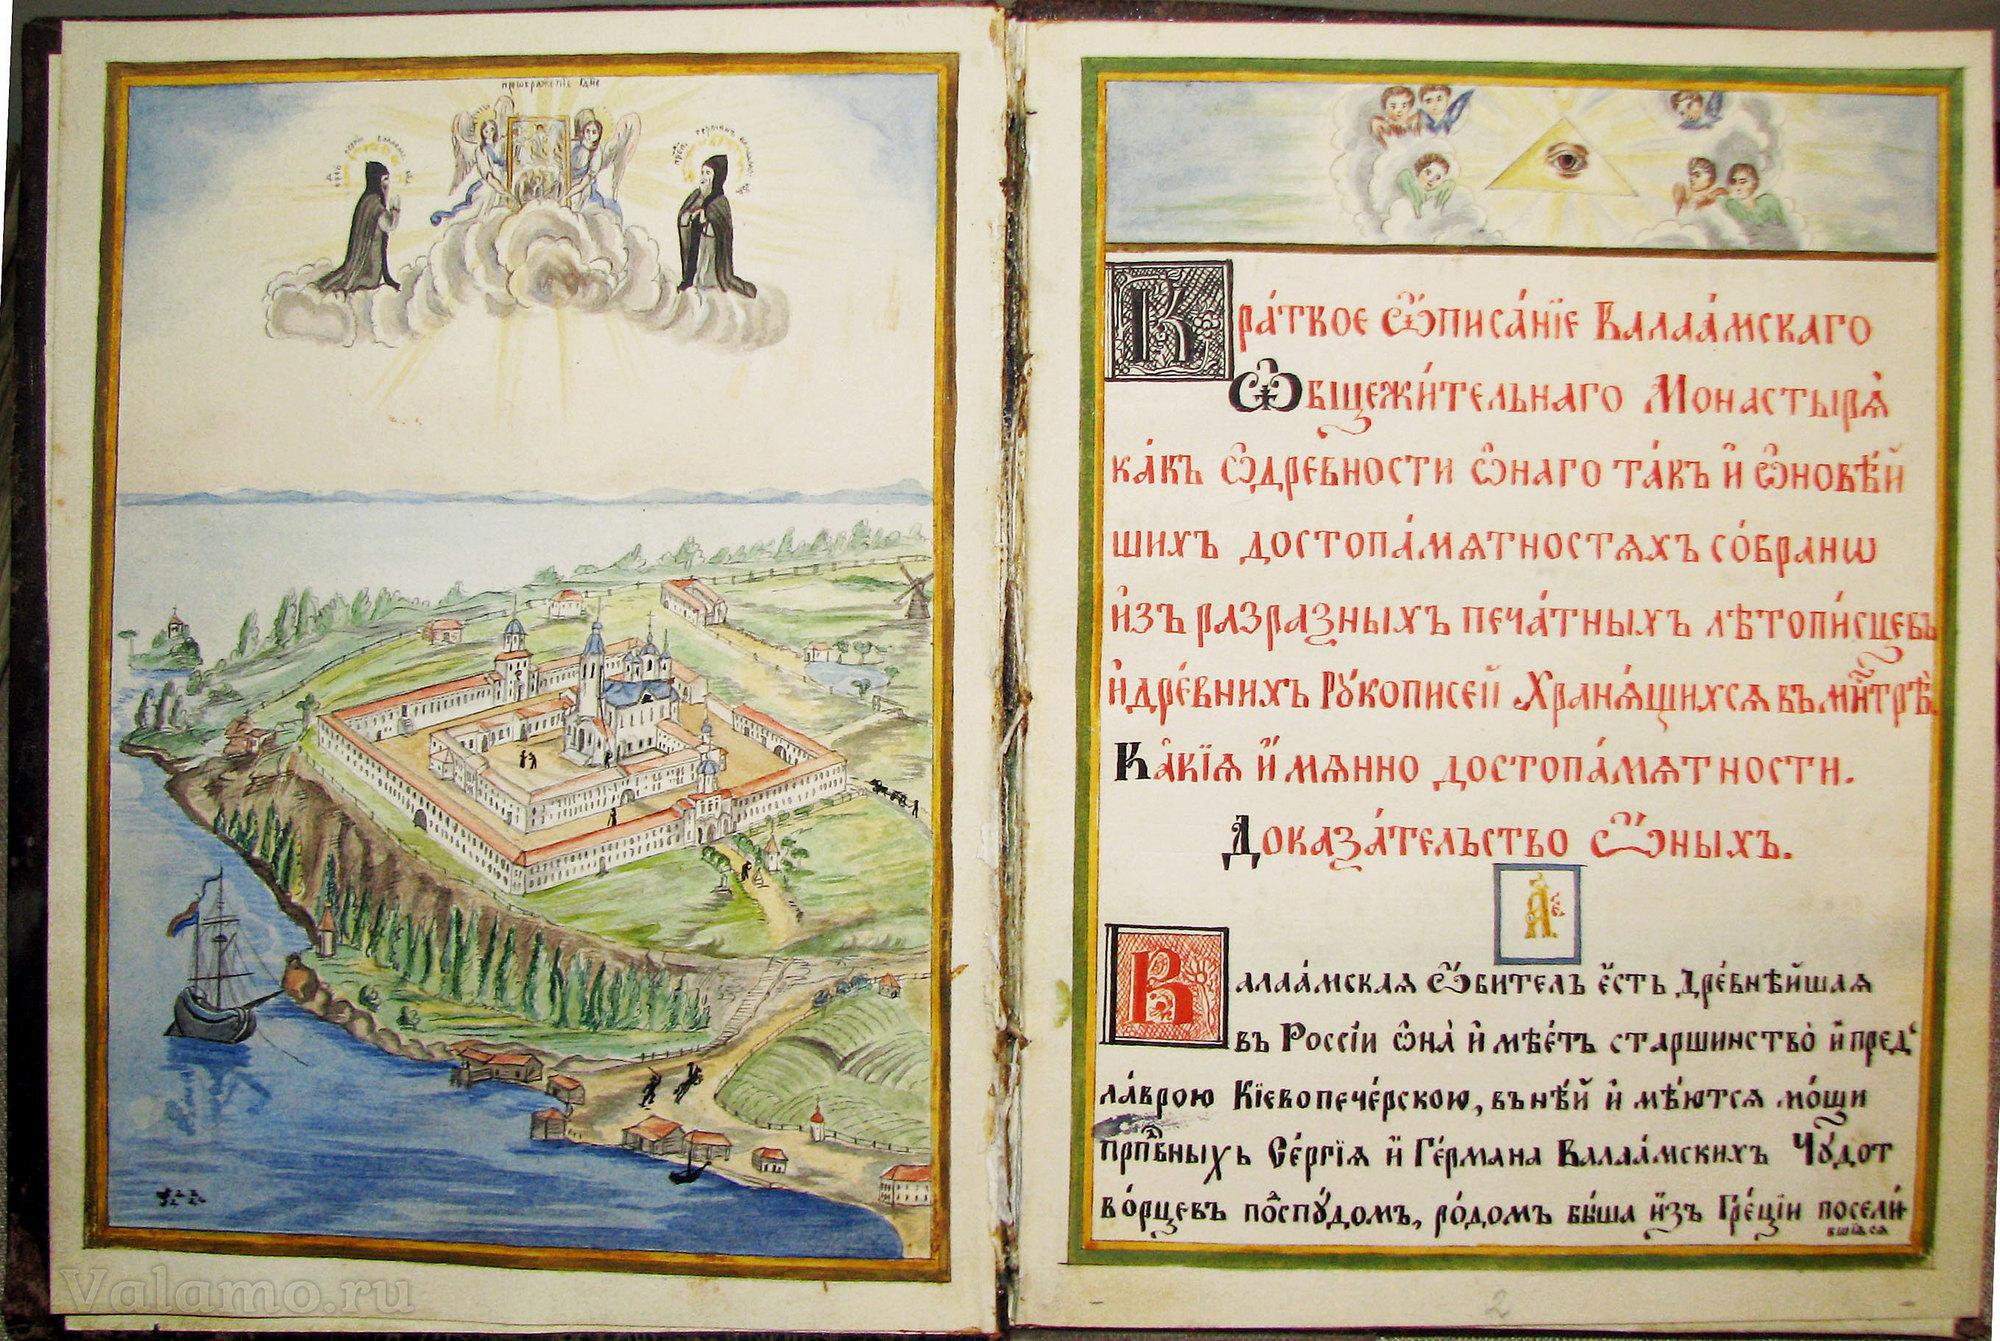 Флегонт Звонарёв. Муляж книги из Музея Валаамского монастыря.